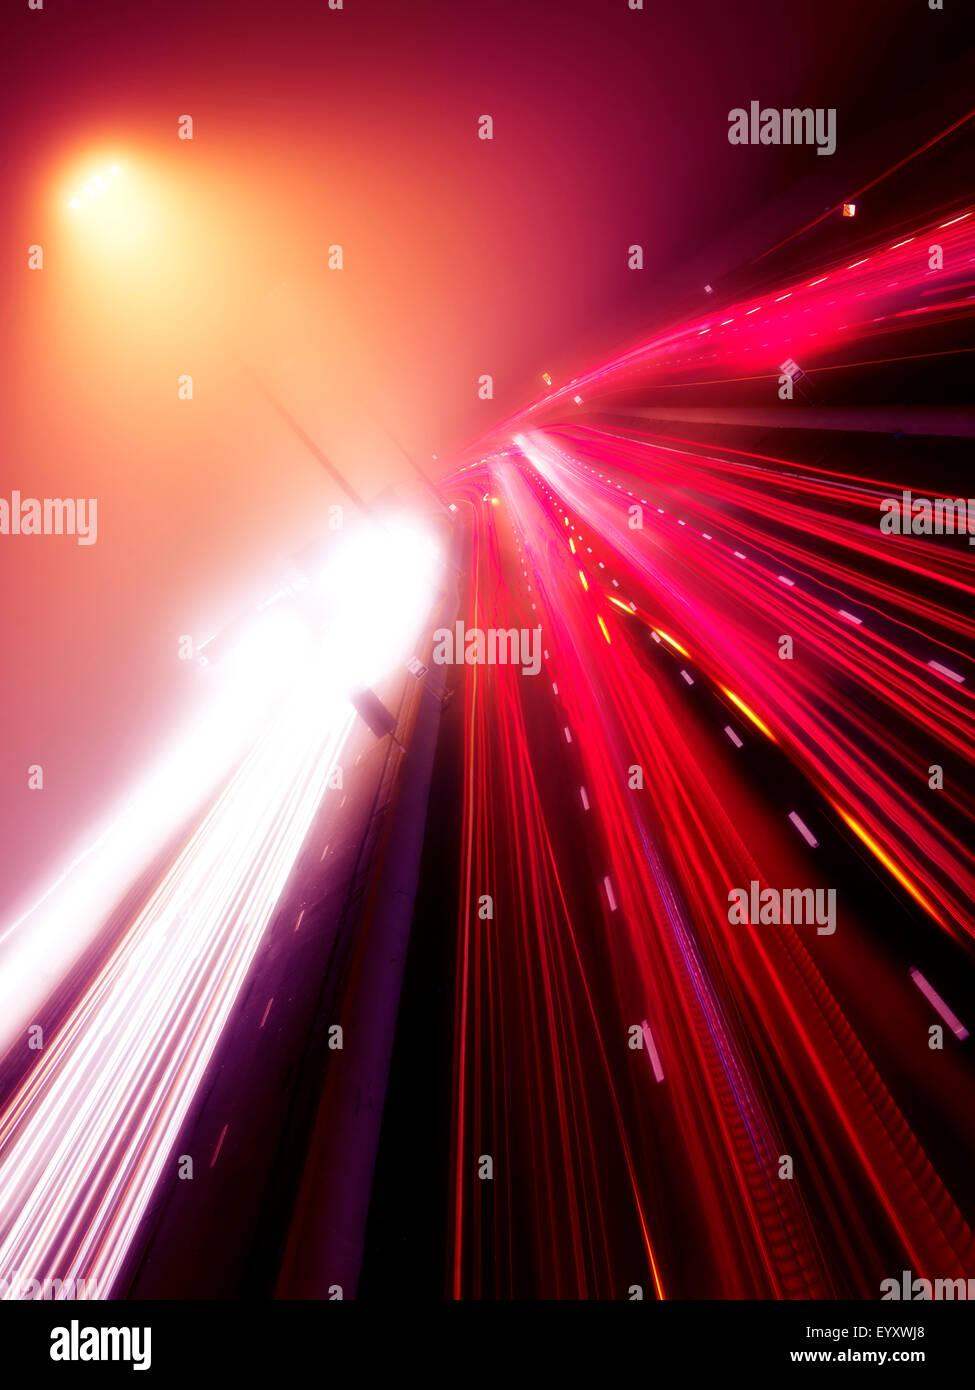 Bunte Lichtspuren der viel befahrenen Autobahnverkehr auf einer nebligen Nacht, Highway 401, Toronto, Ontario, Kanada. Stockbild